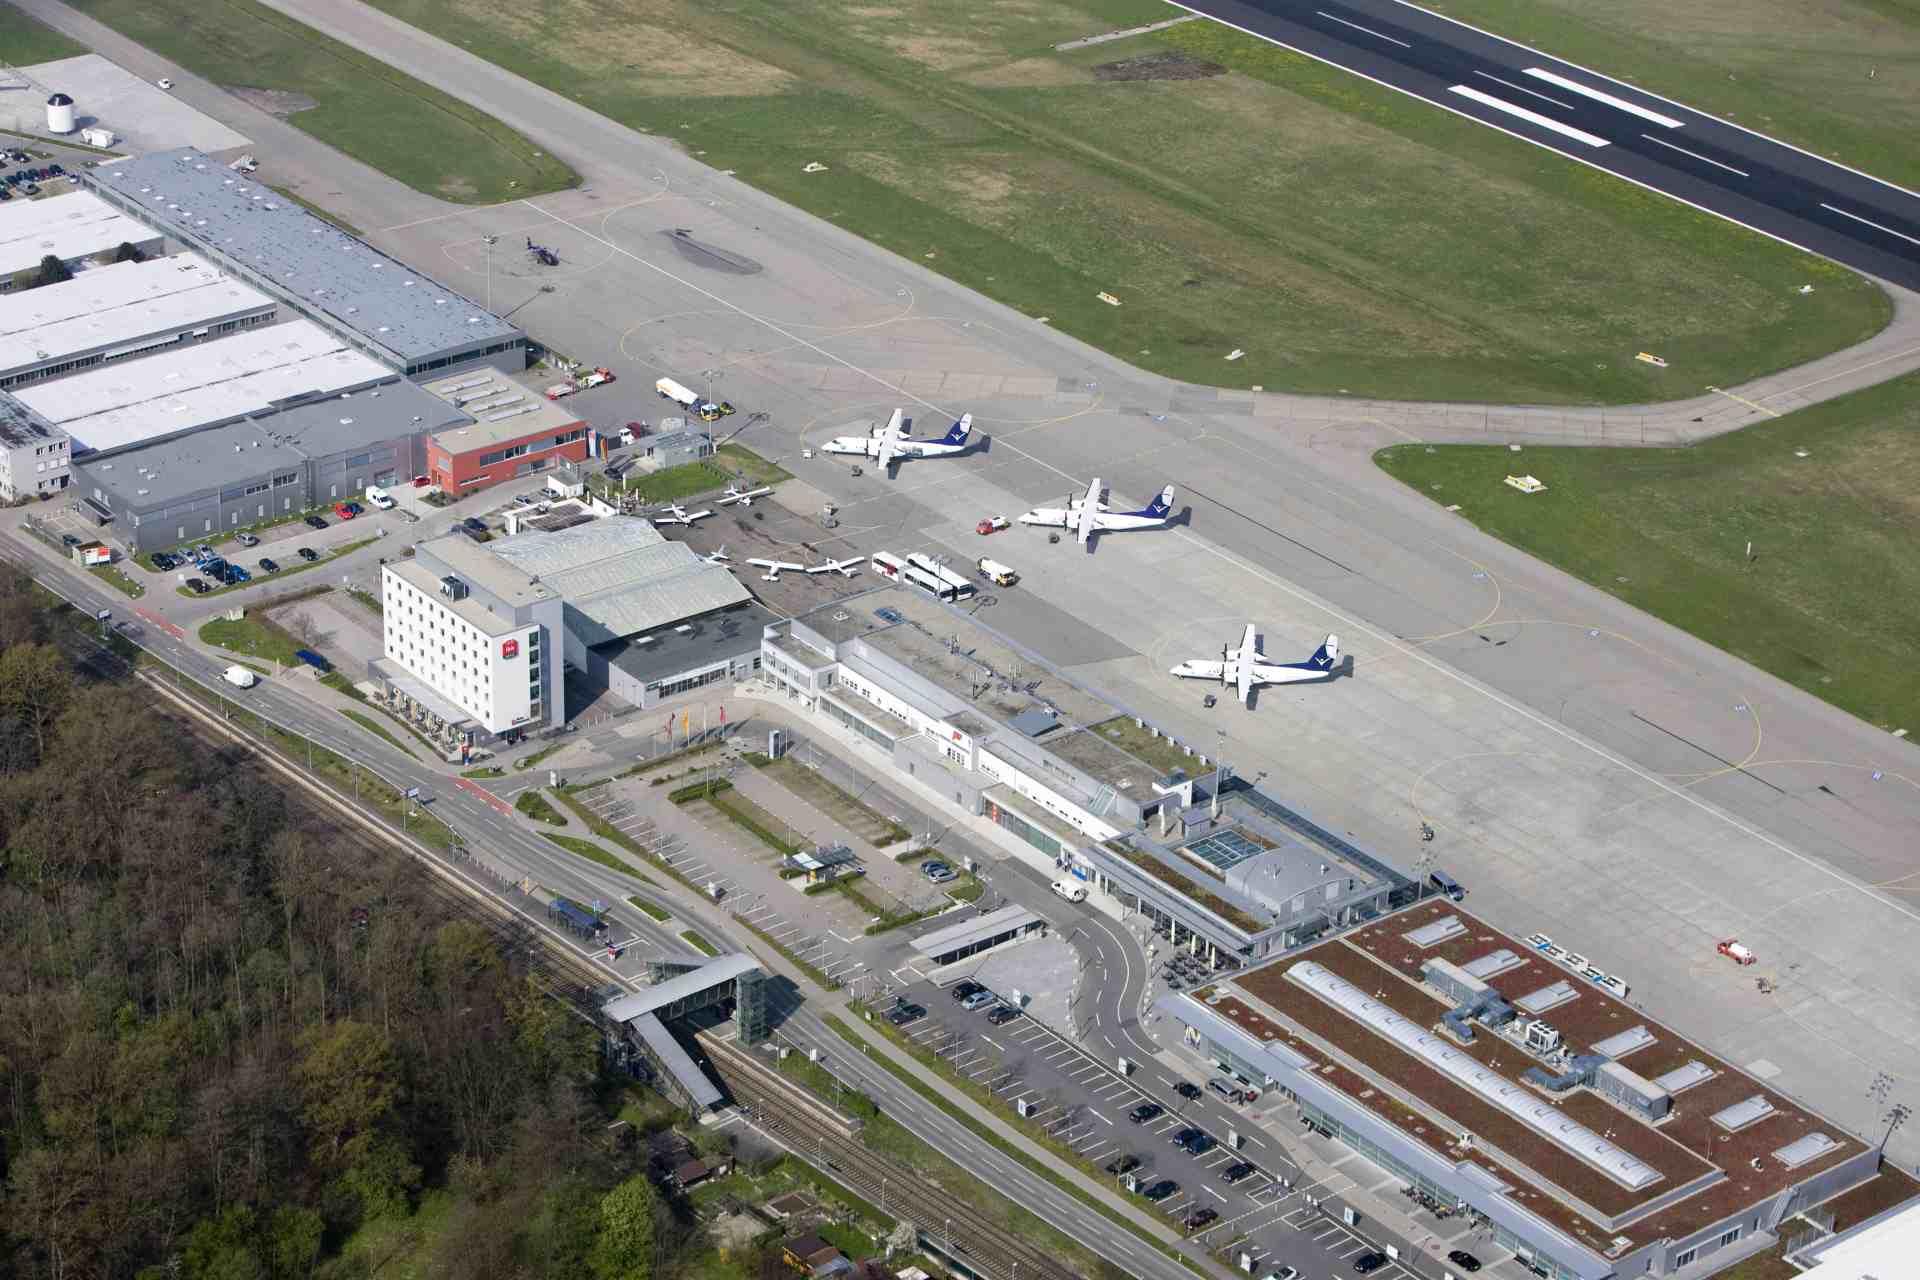 Flughafen Friedrichshafen Terminal und Vorfeld aus der Vogelperspektive